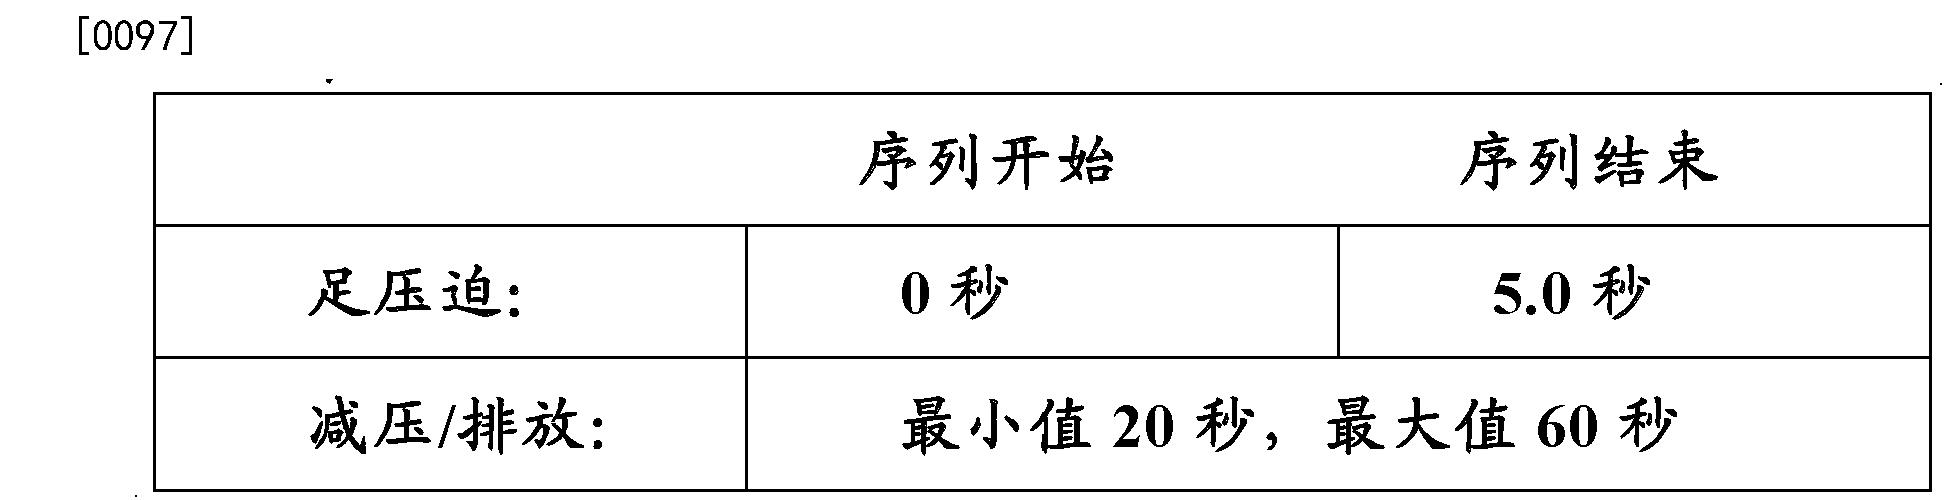 Figure CN102614074BD00141